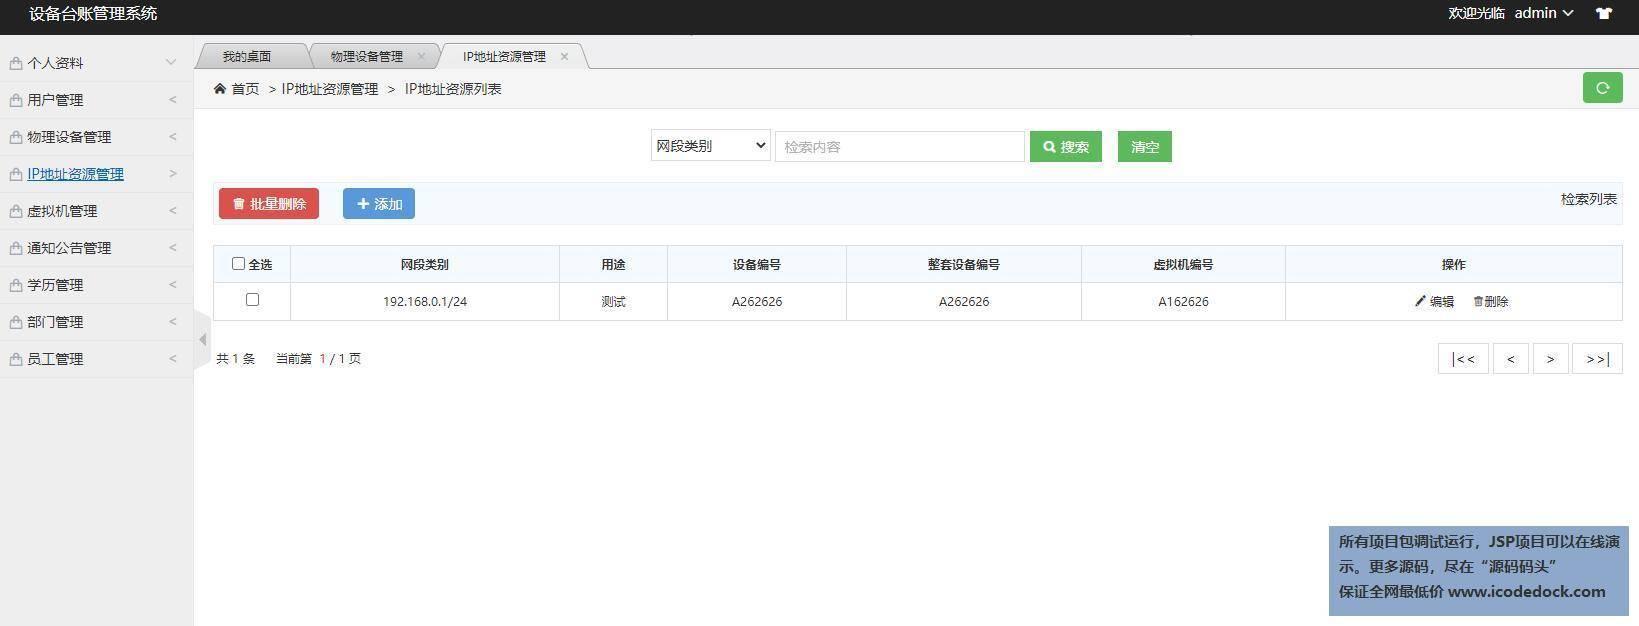 源码码头-SSM设备台账管理系统-管理员角色-IP地址资源管理